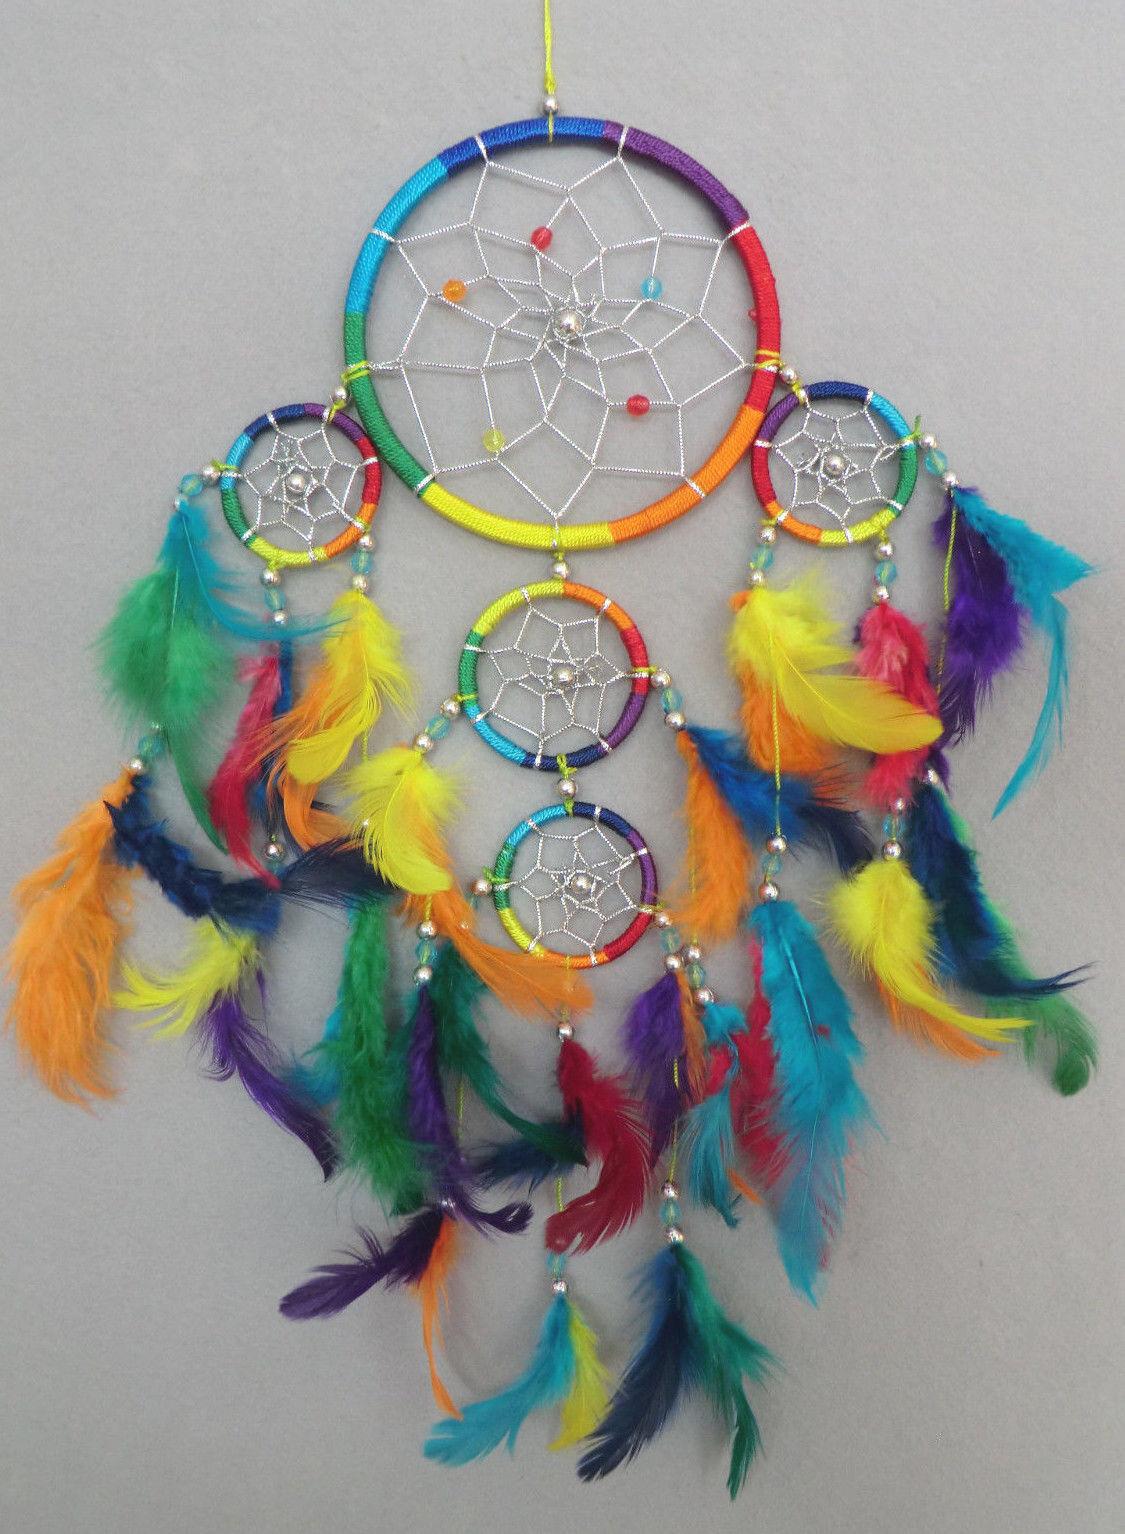 12 cm x 40 cm Dreamcatcher Traumfänger Regenbogen Rainbow Chakra Farben Geschenk